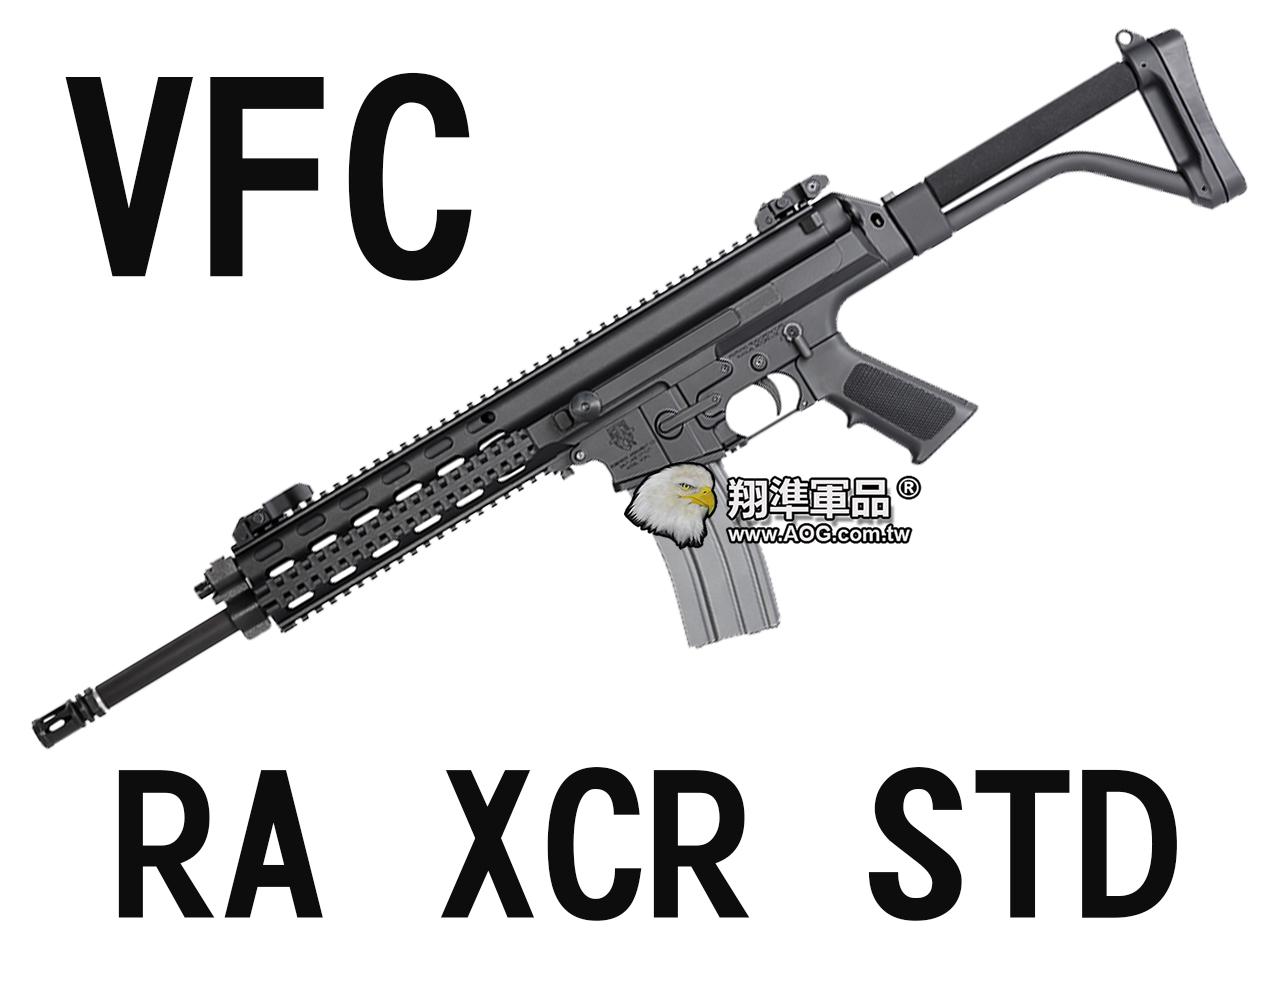 【翔準軍品AOG】【VFC】RA XCR STD (BLK)摺疊托 魚骨版 電動槍 長槍 黑色  VF1-LXCRSTD-BK01